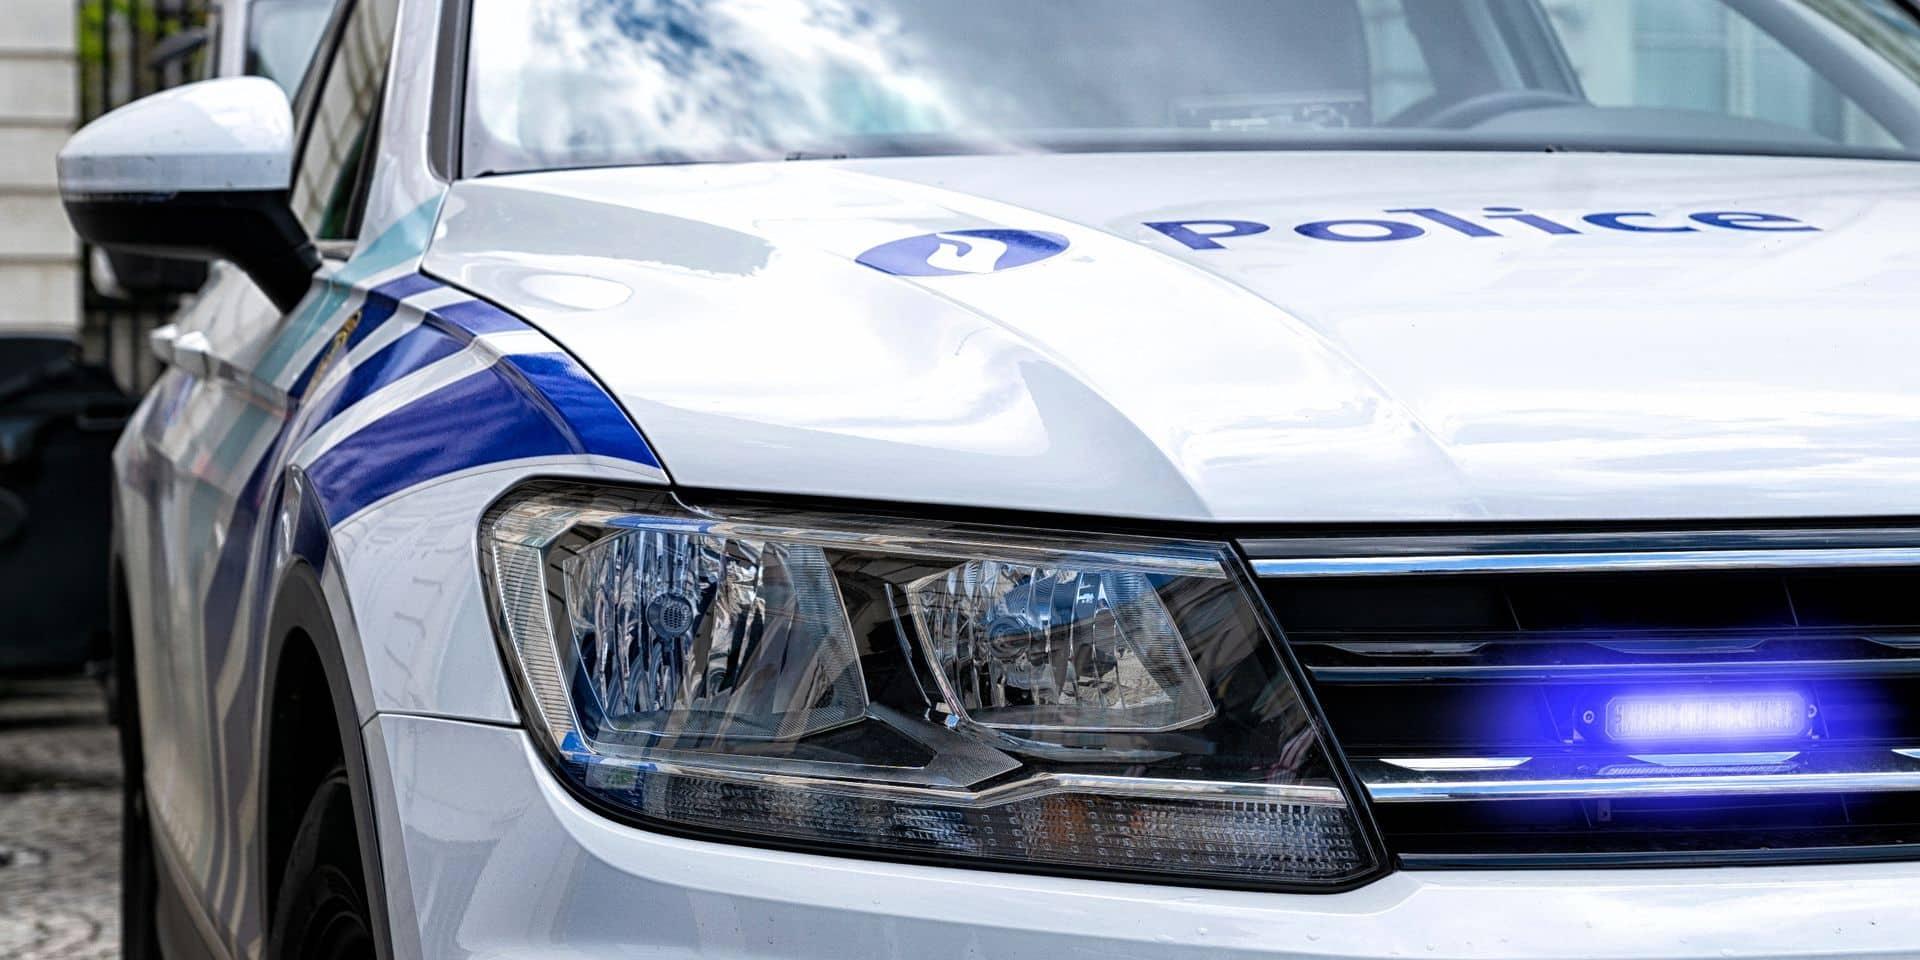 Opération policière entre Schaerbeek et Saint-Josse: une fugueuse enlevée pour se prostituer